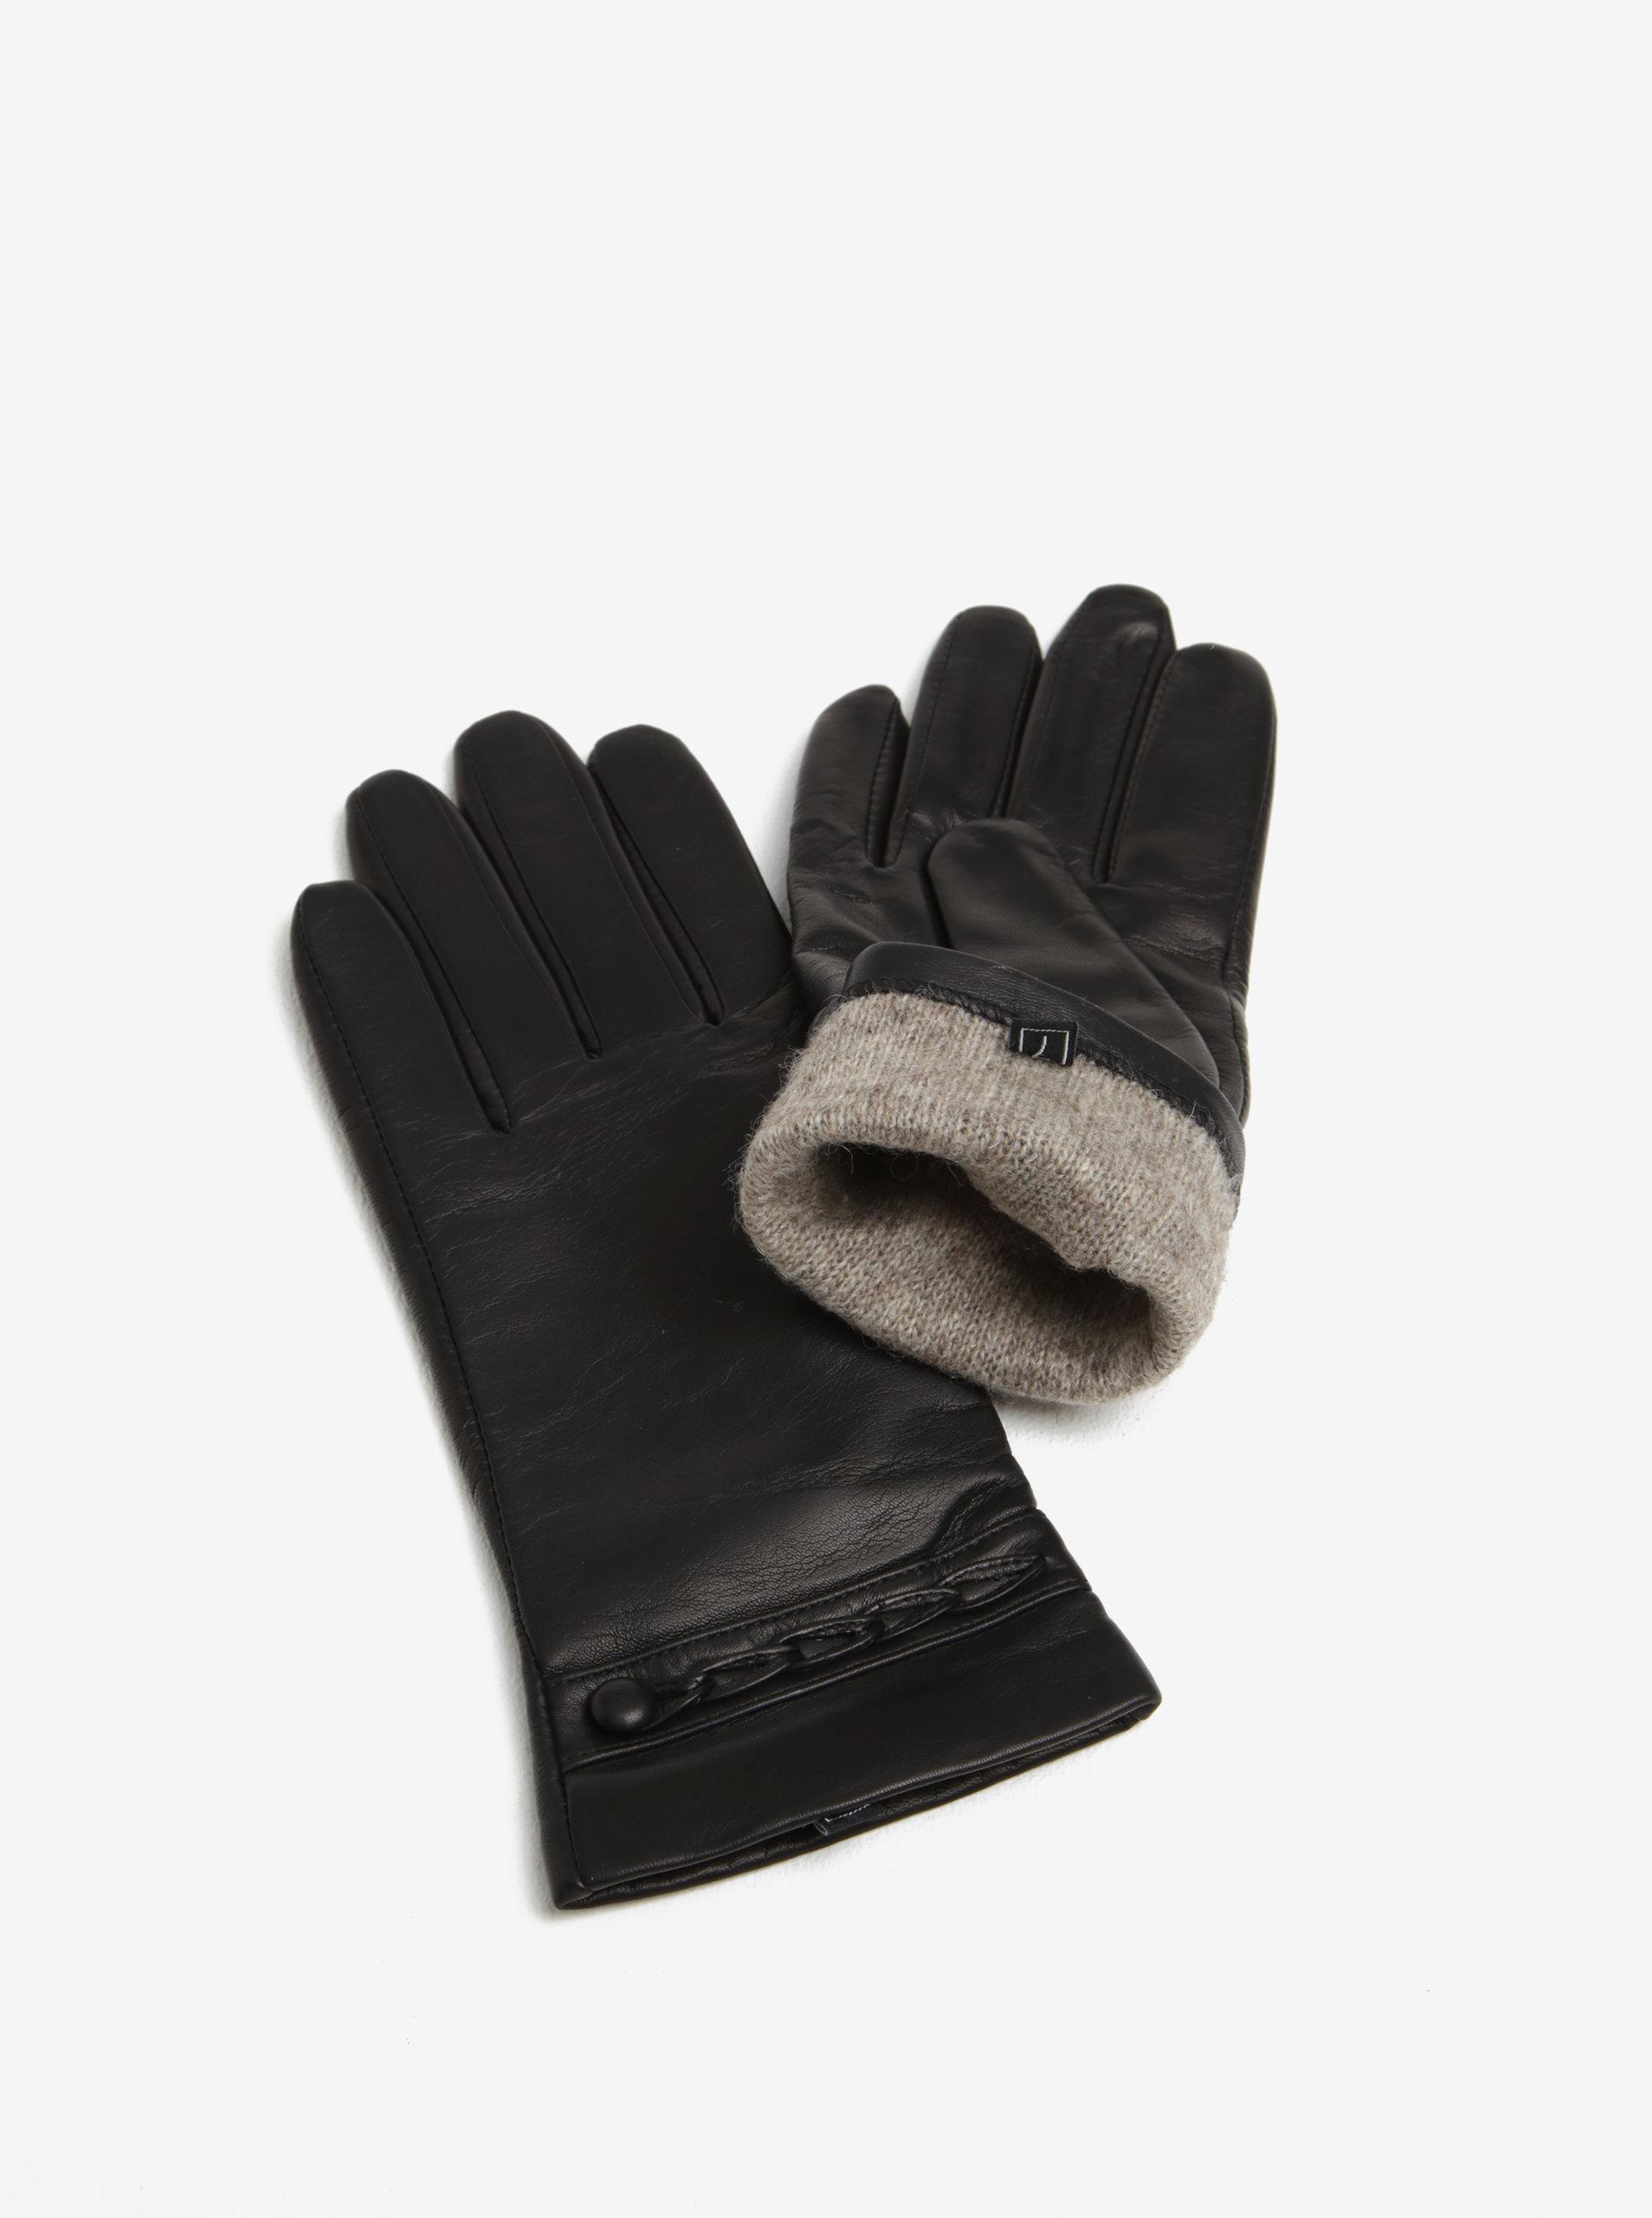 a5bac6b076cb Čierne dámske kožené rukavice so zdobením KARA ...